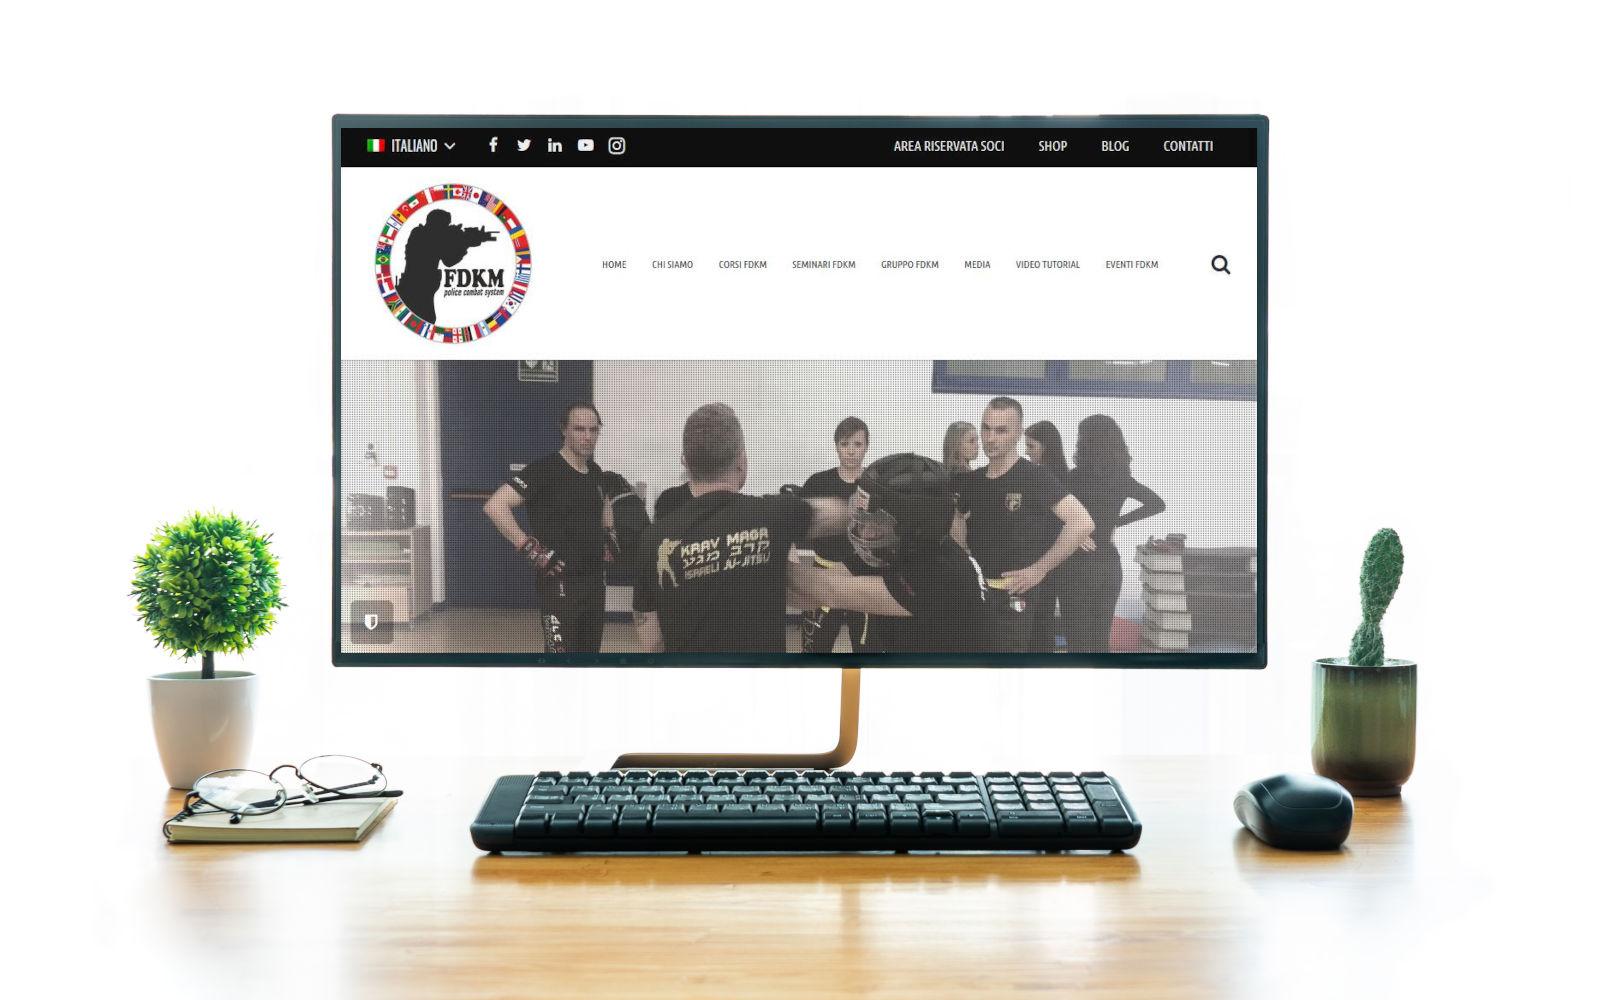 realizzazione sito wordpress fdkmworldwide